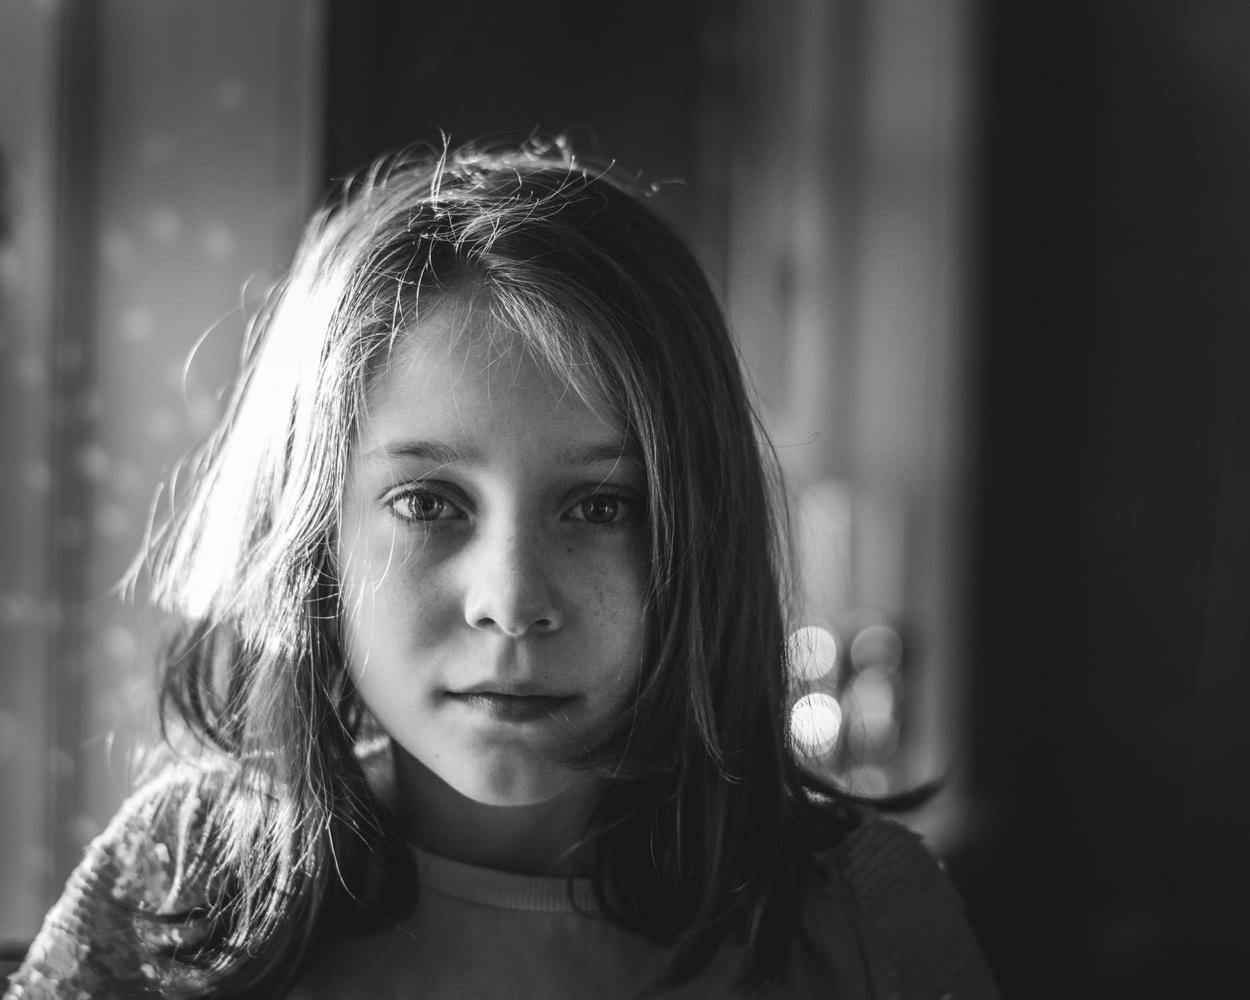 Daughter by Rene Larsen